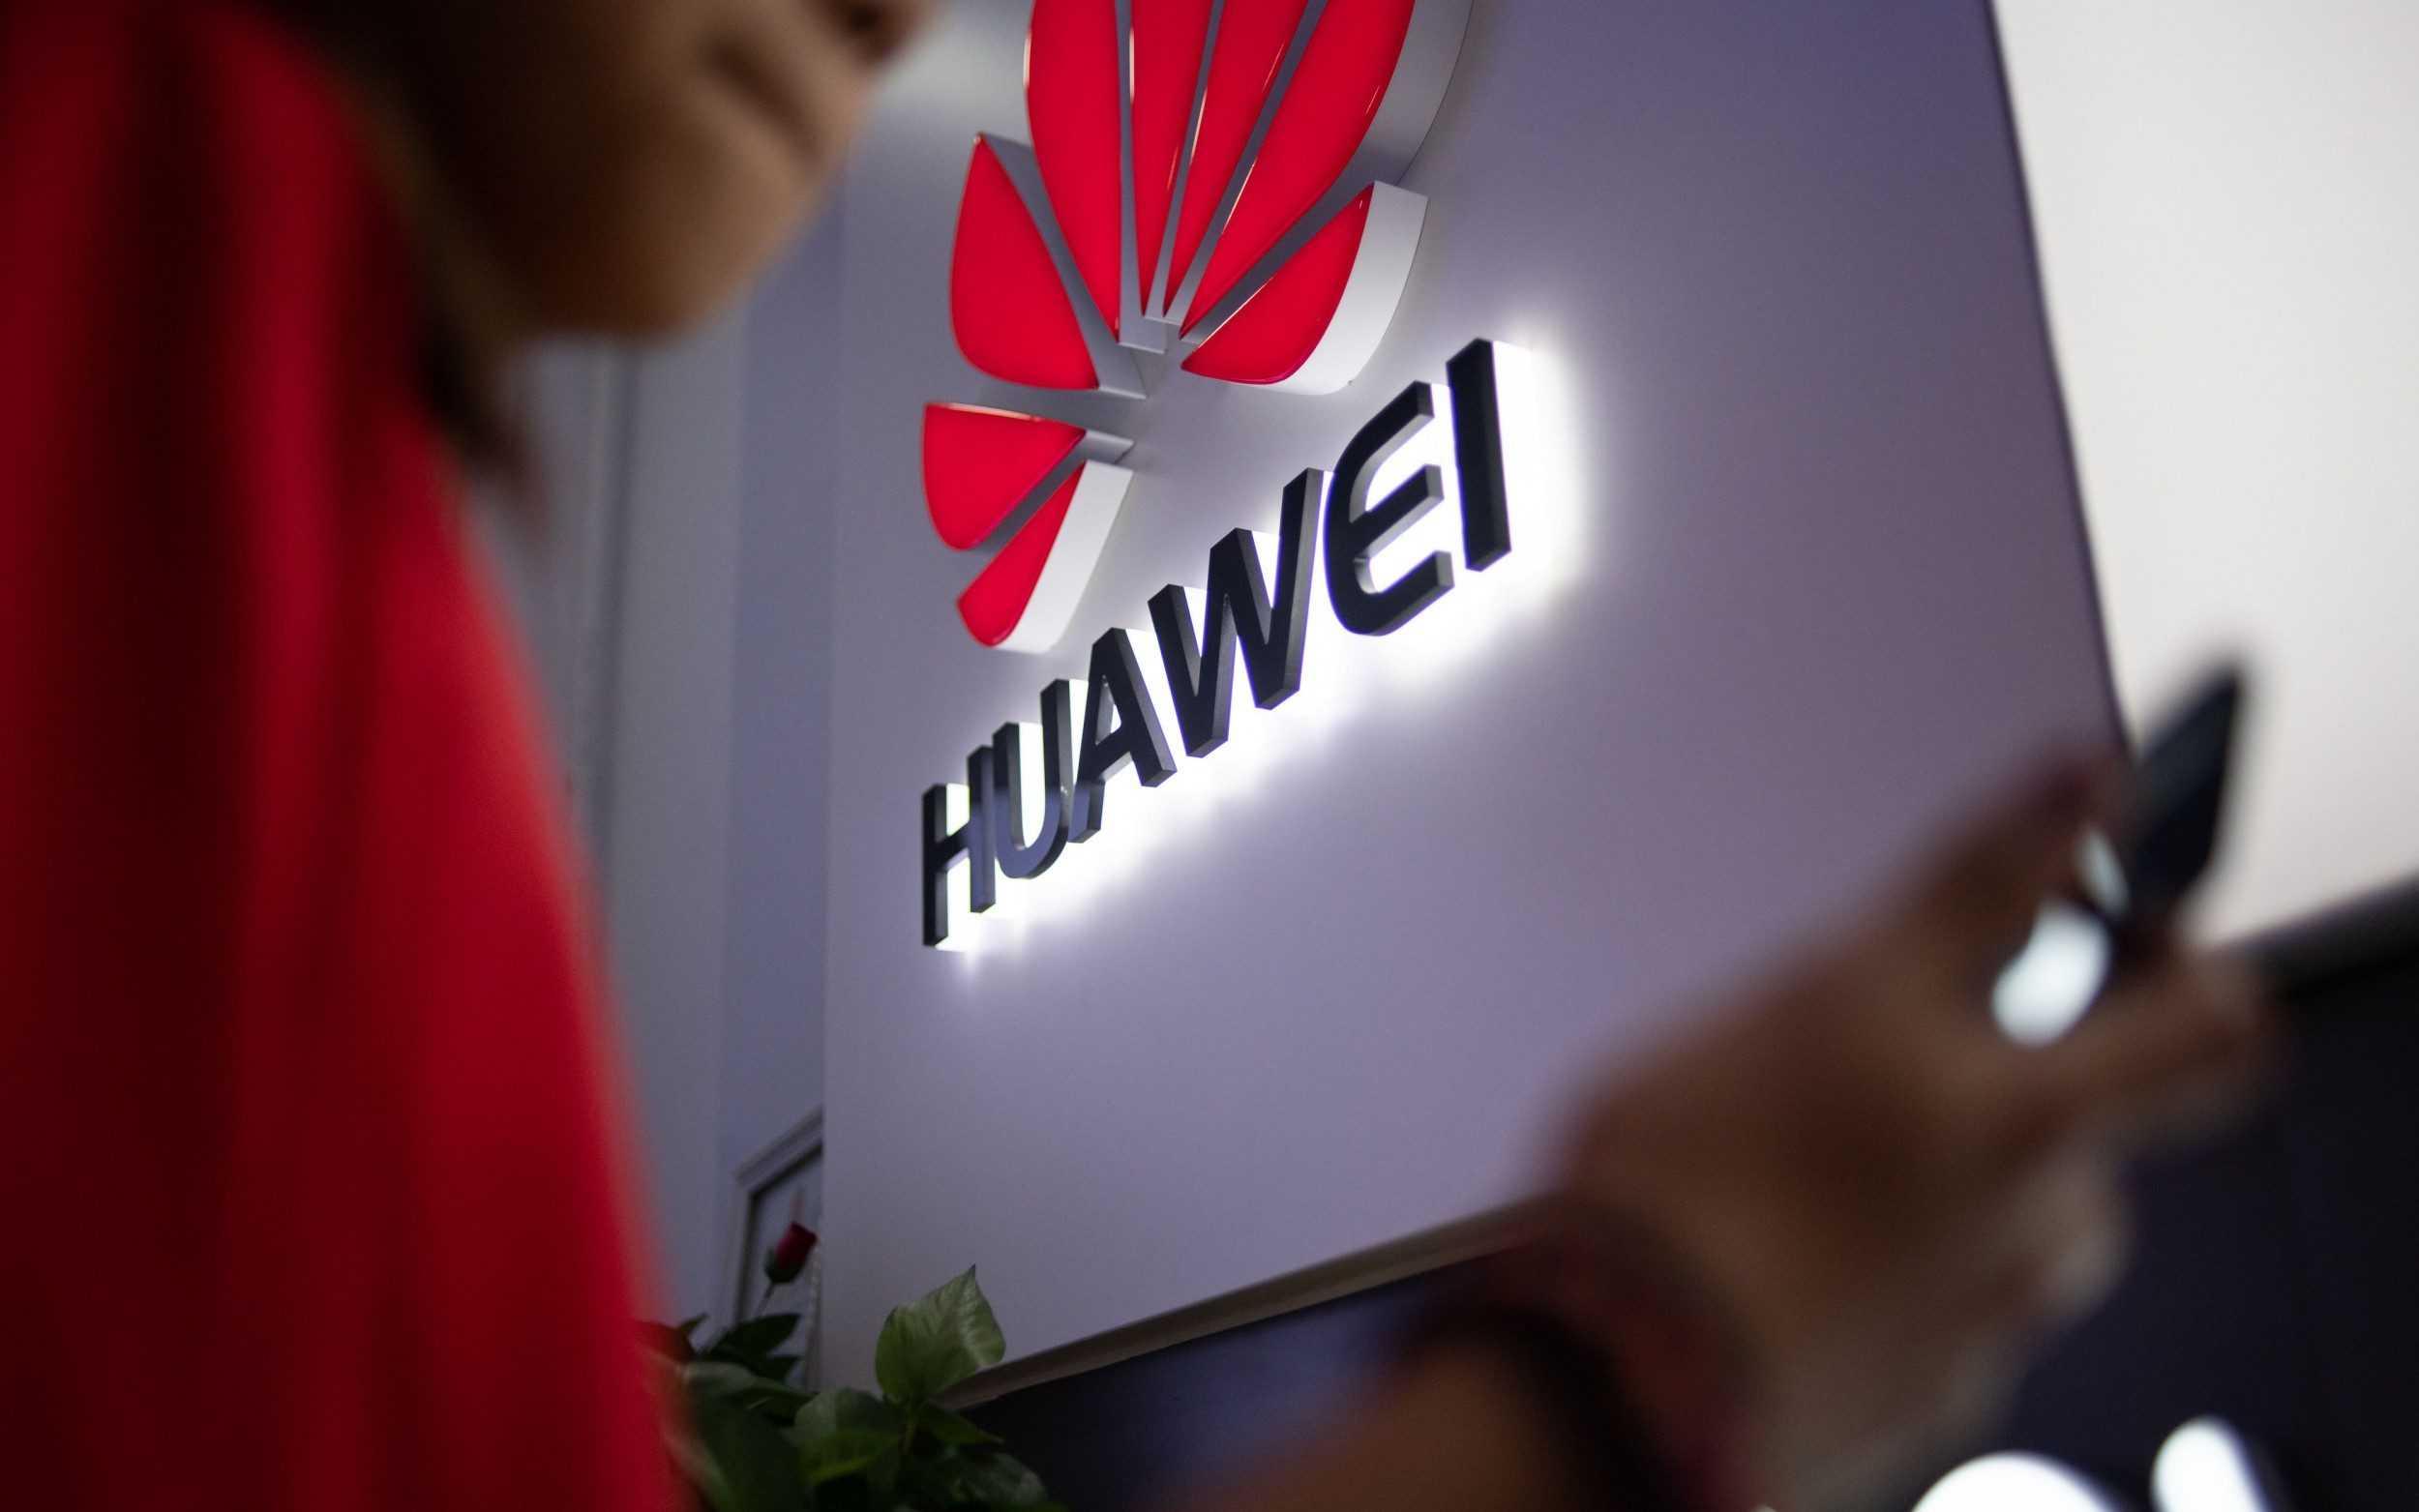 Финансового директора huawei арестовали по требованию сша. ранее компанию подозревали в шпионаже   vector